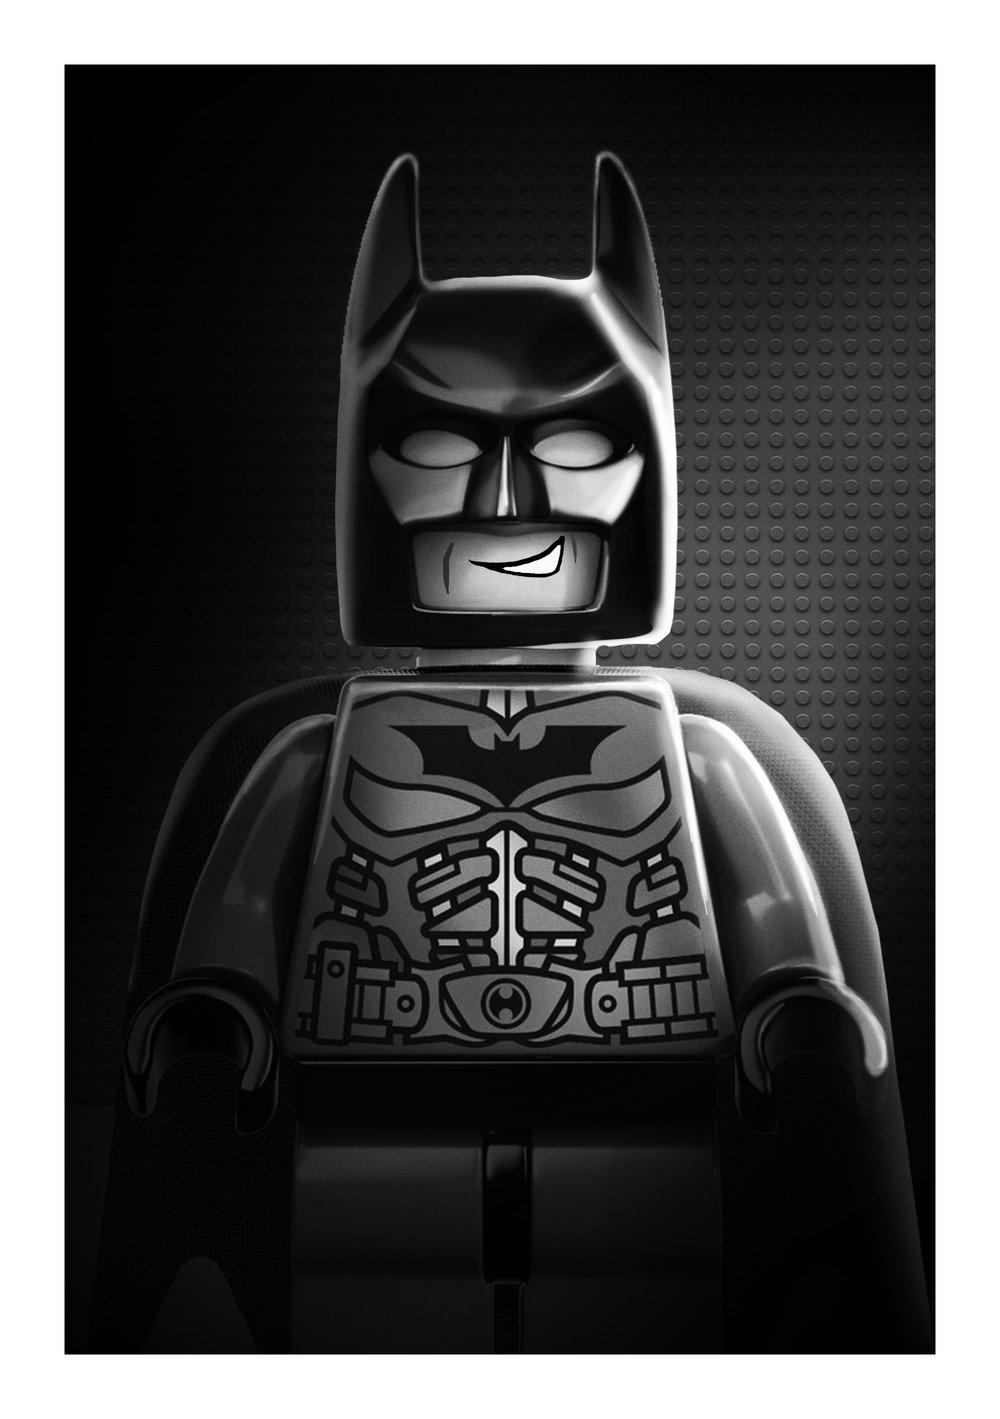 000_LEGOBatman_KA_R1_HS_C10.jpg